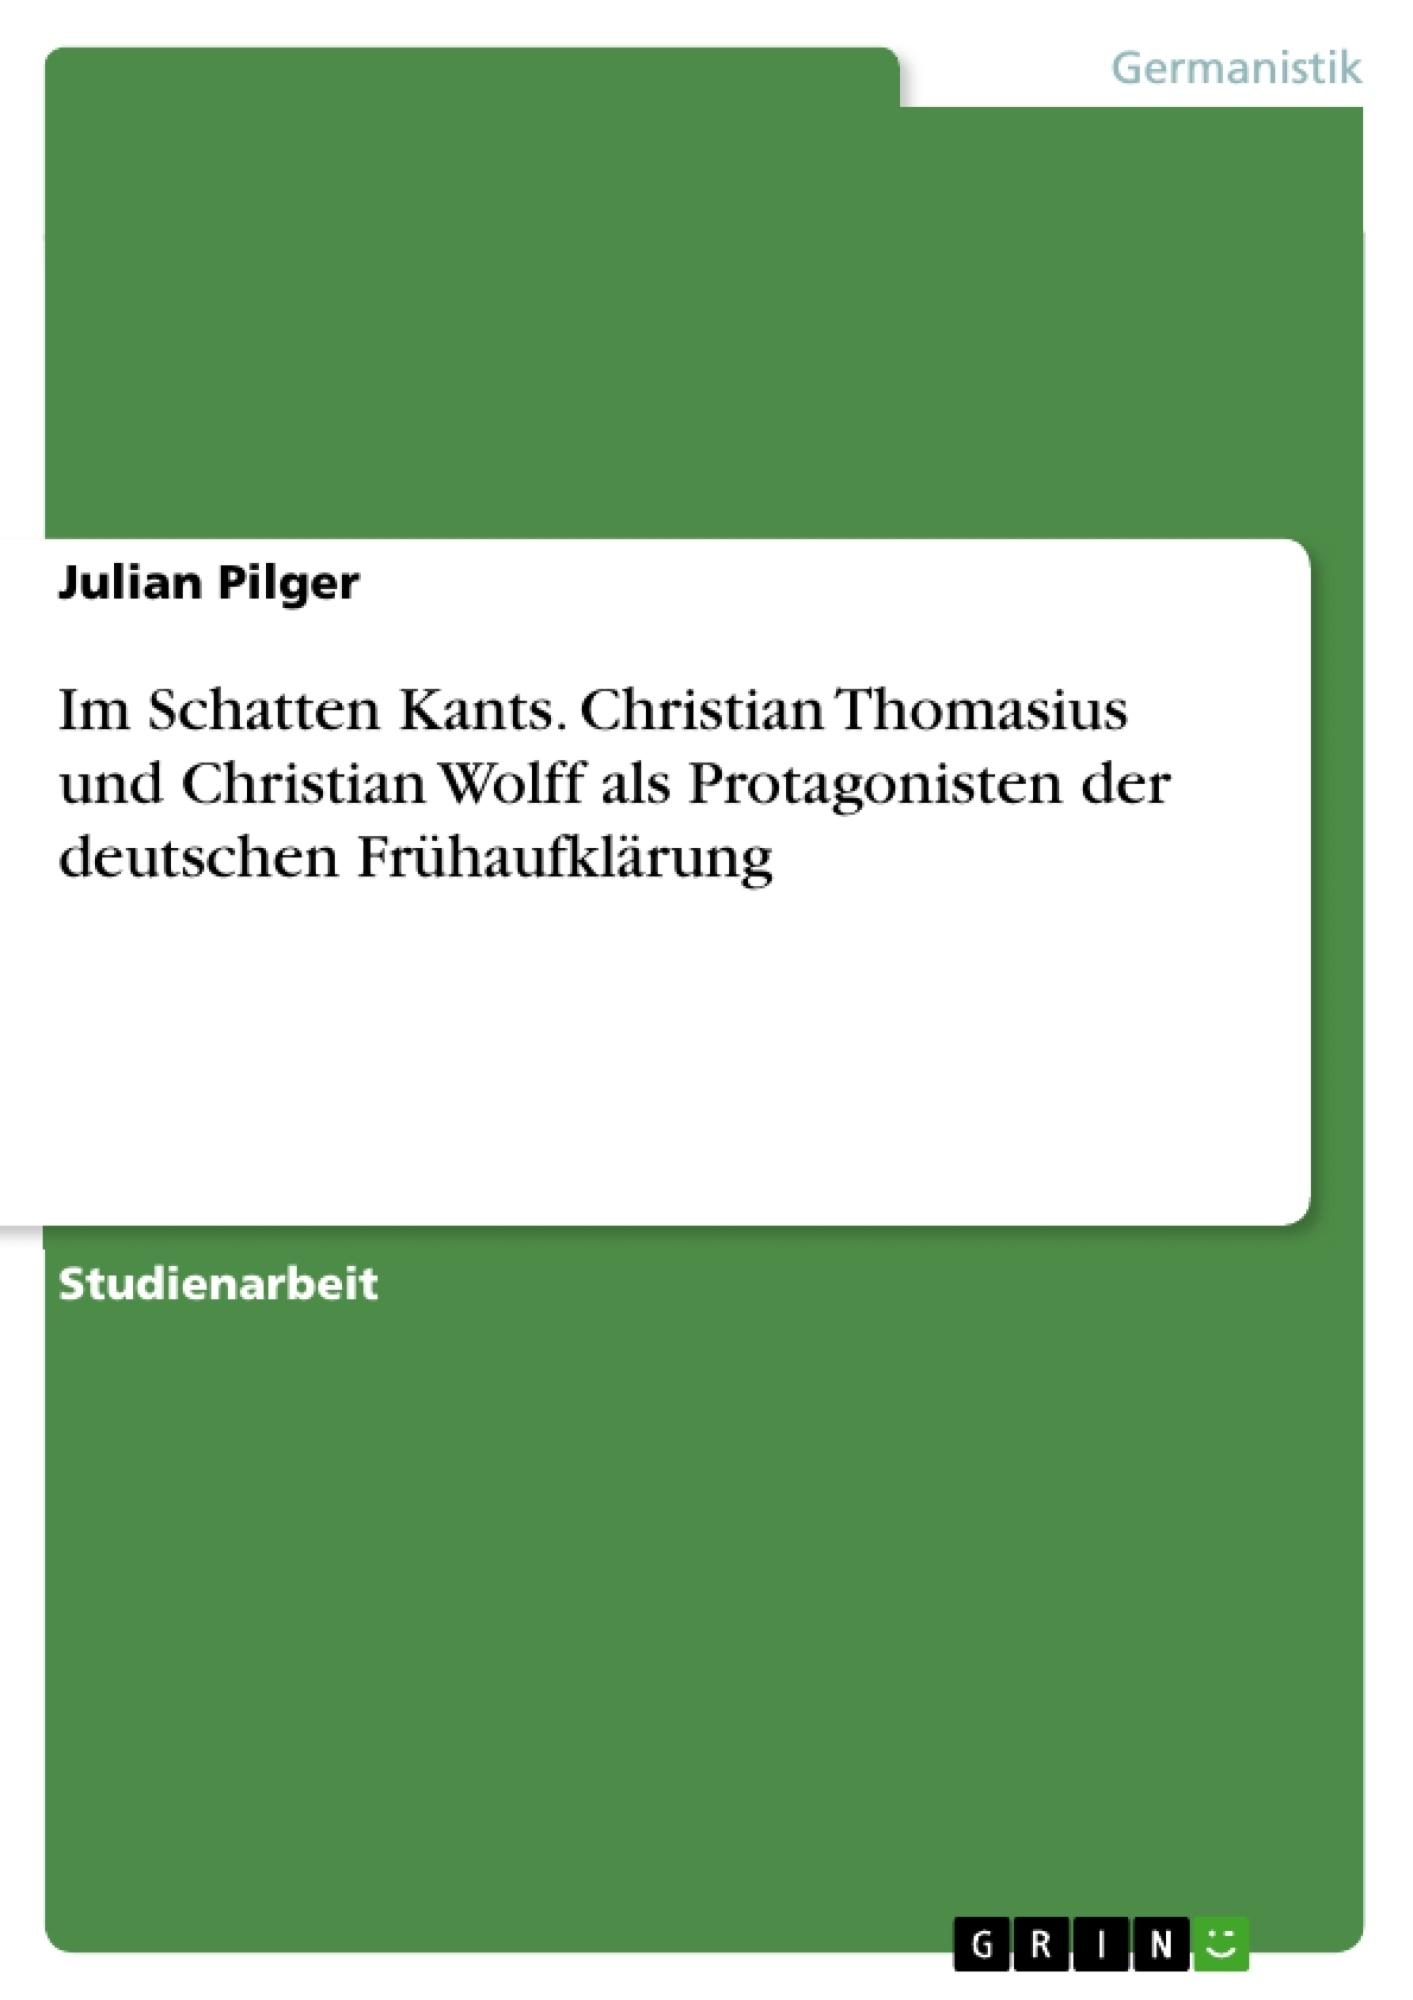 Titel: Im Schatten Kants. Christian Thomasius und Christian Wolff als Protagonisten der deutschen Frühaufklärung